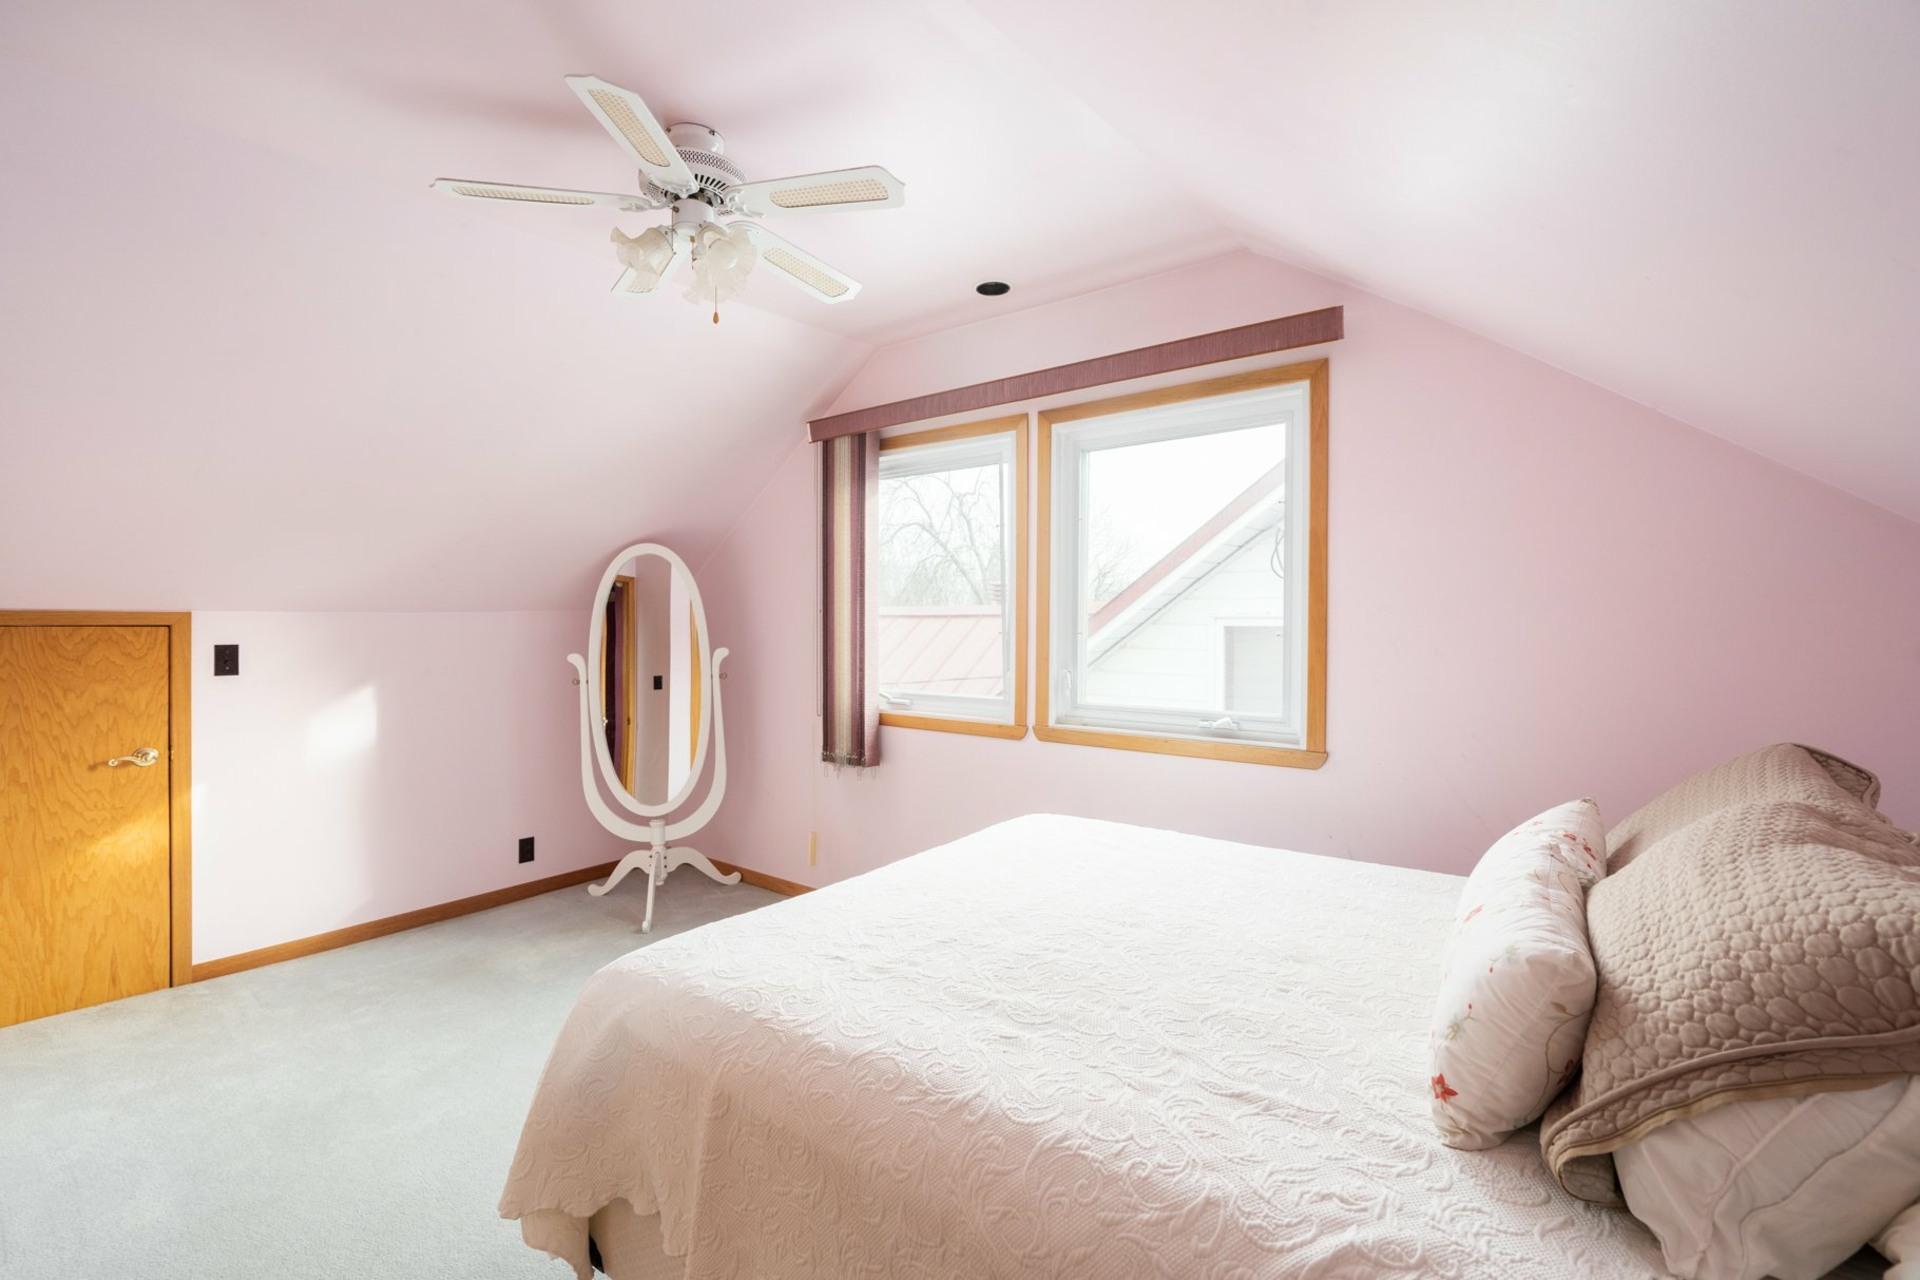 image 10 - House For sale Saint-Laurent Montréal  - 9 rooms